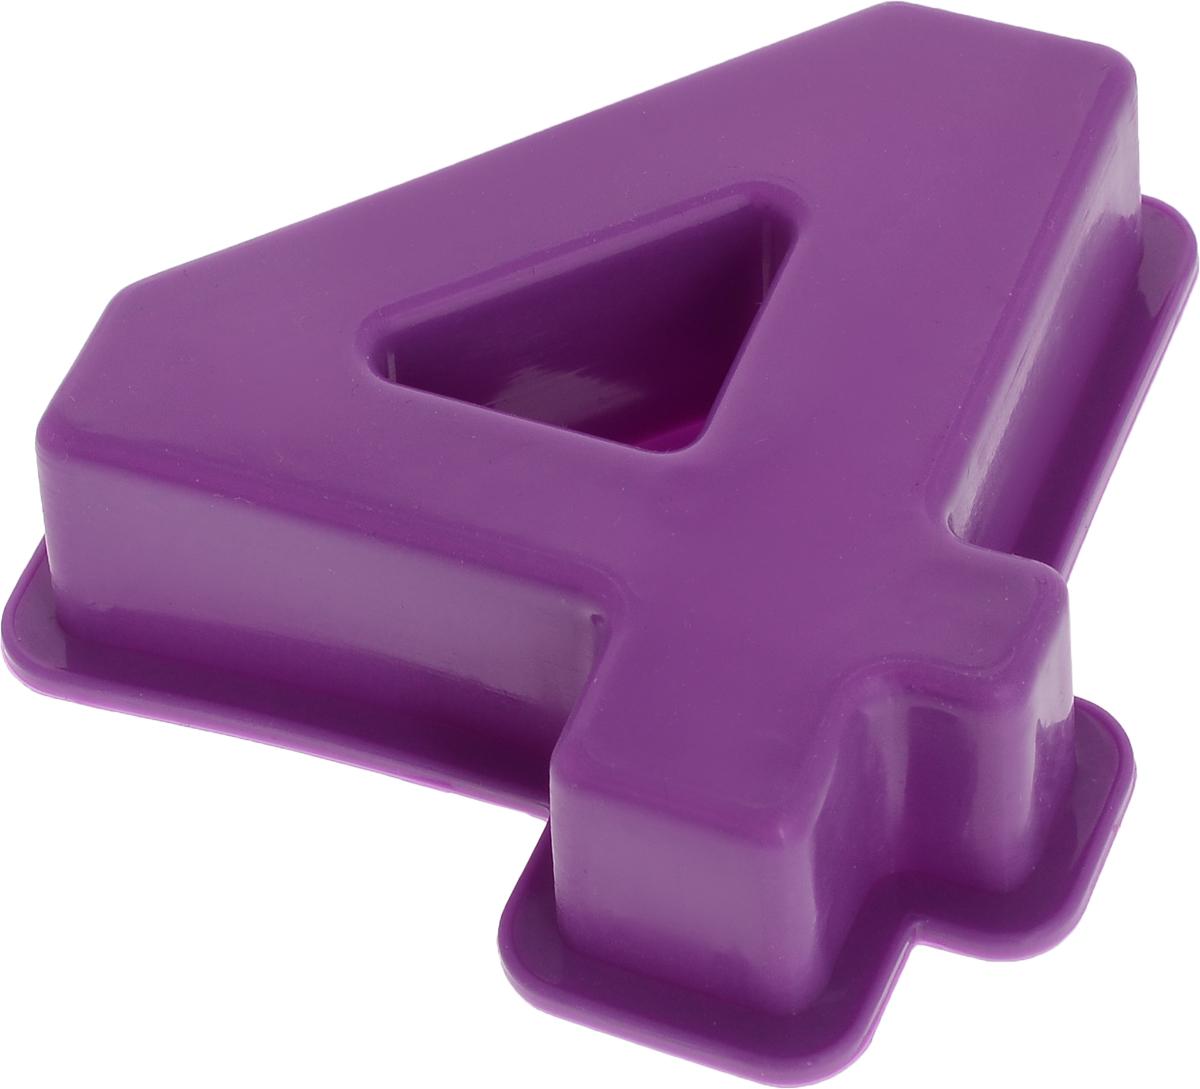 Форма для выпечки Доляна Четыре, силиконовая, цвет: фиолетовый, 9 х 9 х 2,5 см1687464_фиолетовыйФорма Доляна Четыре, выполненная из силикона, будет отличным выбором для всех любителей домашней выпечки. Силиконовые формы для выпечки имеют множество преимуществ по сравнению с традиционными металлическими формами и противнями. Нет необходимости смазывать форму маслом. Форма быстро нагревается, равномерно пропекает, не допускает подгорания выпечки с краев или снизу.Вынимать продукты из формы очень легко. Слегка выверните края формы или оттяните в сторону, и ваша выпечка легко выскользнет из формы.Материал устойчив к фруктовым кислотам, не ржавеет, на нем не образуются пятна.Форма может быть использована в духовках и микроволновых печах (выдерживает температуру от -40°С до +250°С), также ее можно помещать в морозильную камеру и холодильник. Можно мыть в посудомоечной машине.Размер формы: 9 х 9 х 2,5 см.